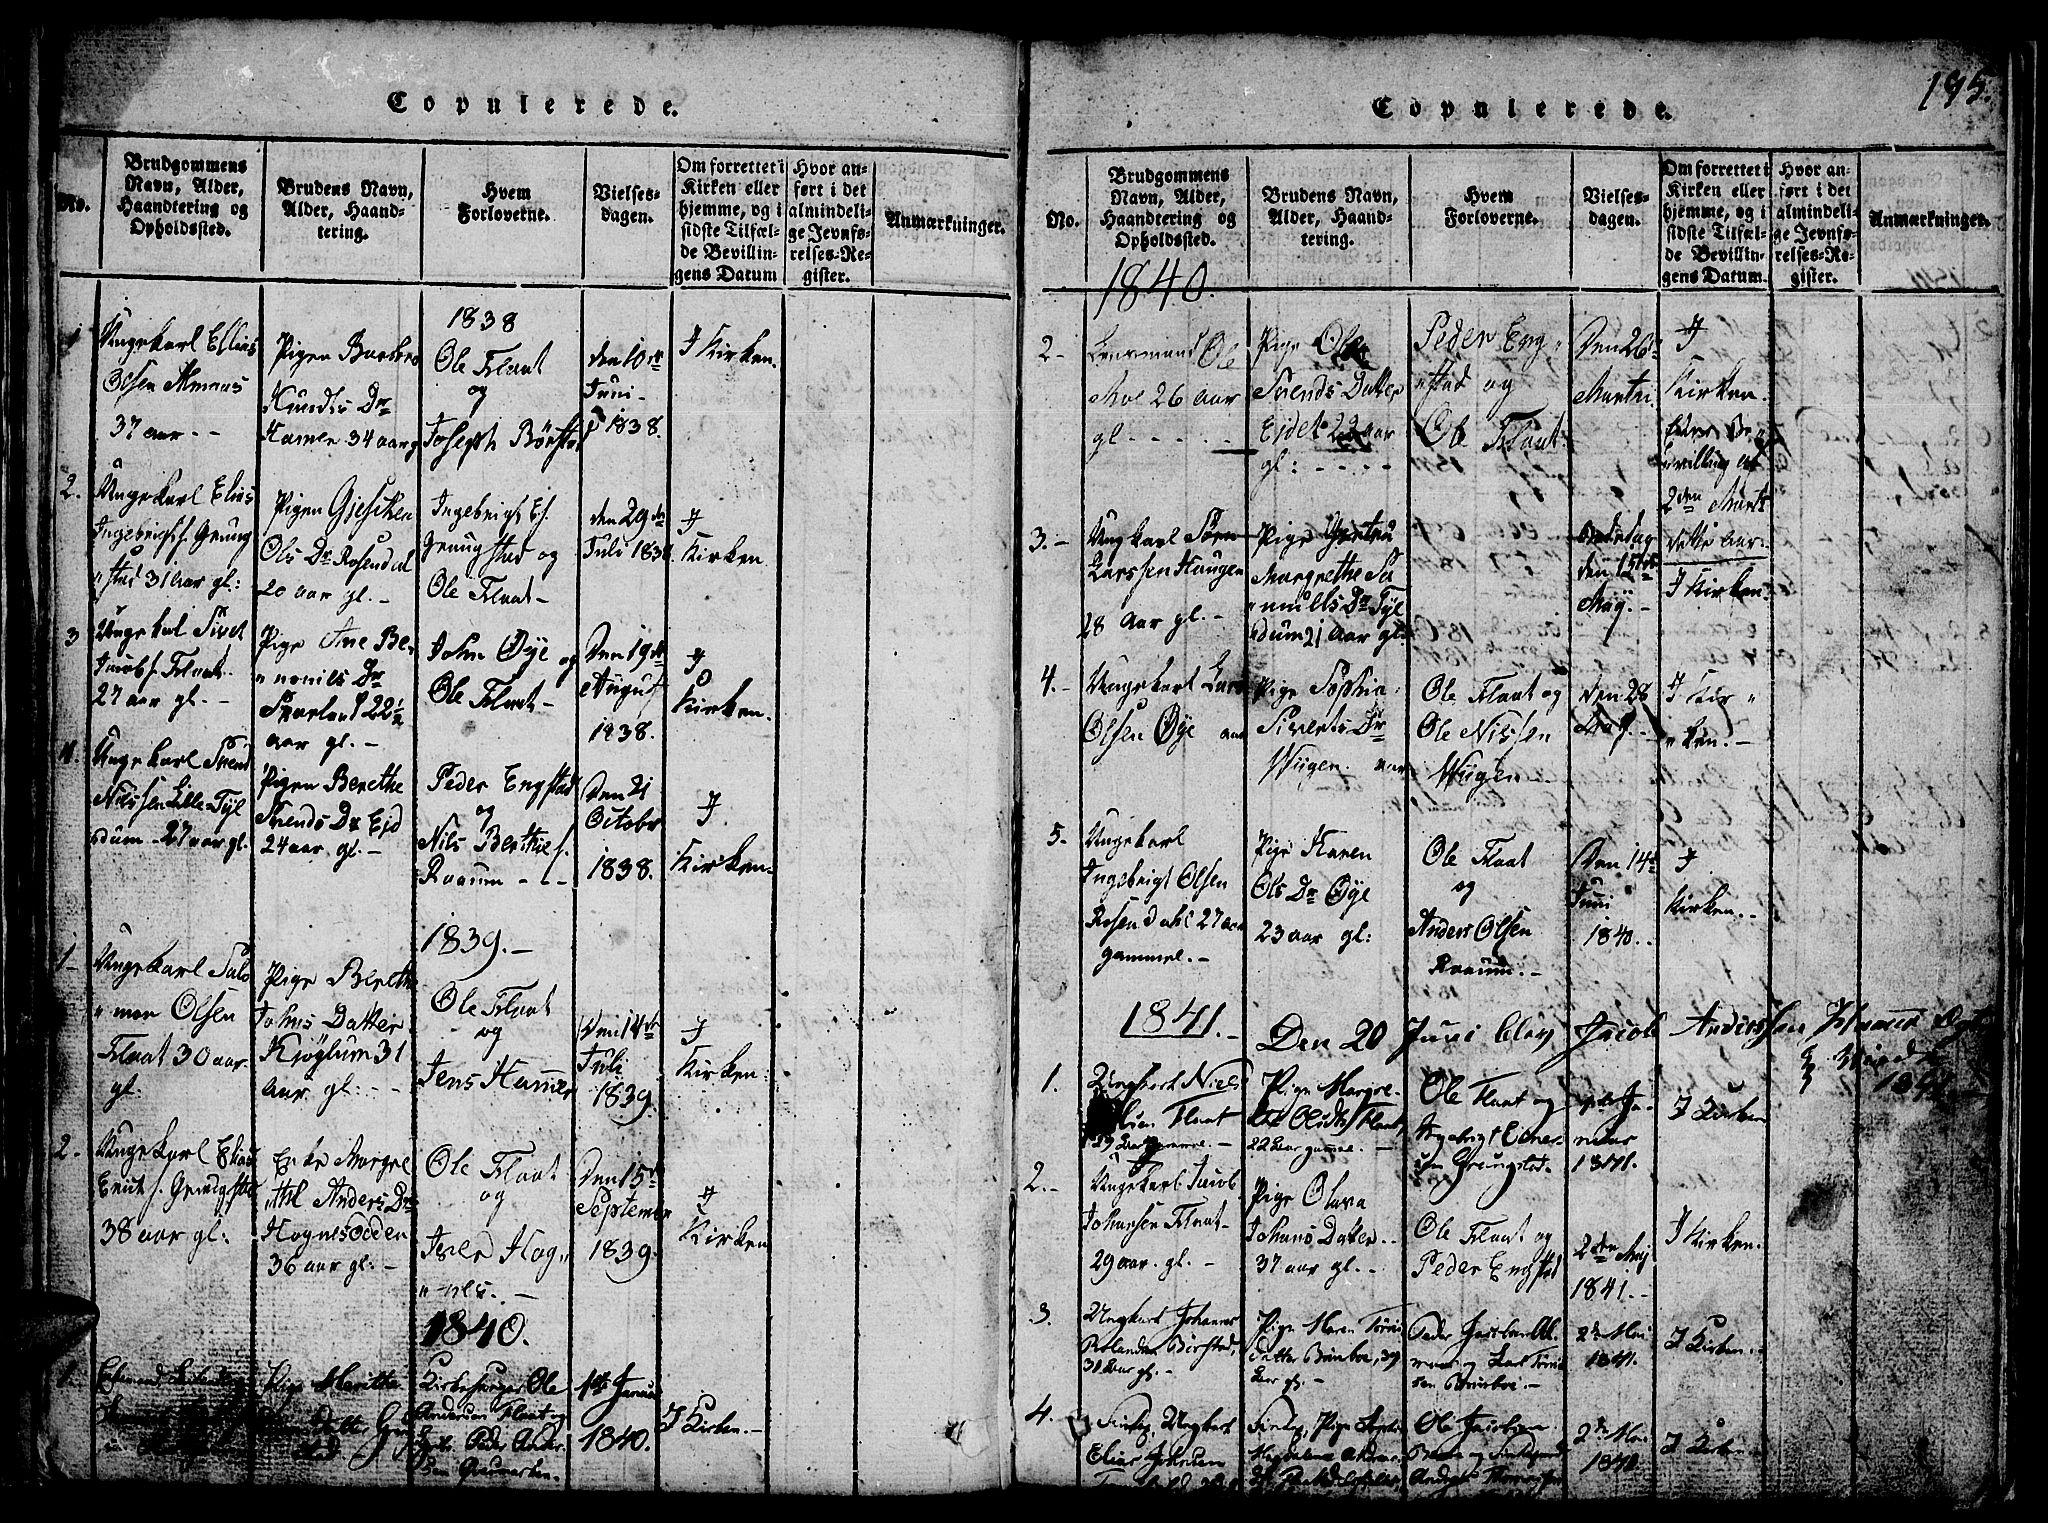 SAT, Ministerialprotokoller, klokkerbøker og fødselsregistre - Nord-Trøndelag, 765/L0562: Klokkerbok nr. 765C01, 1817-1851, s. 195